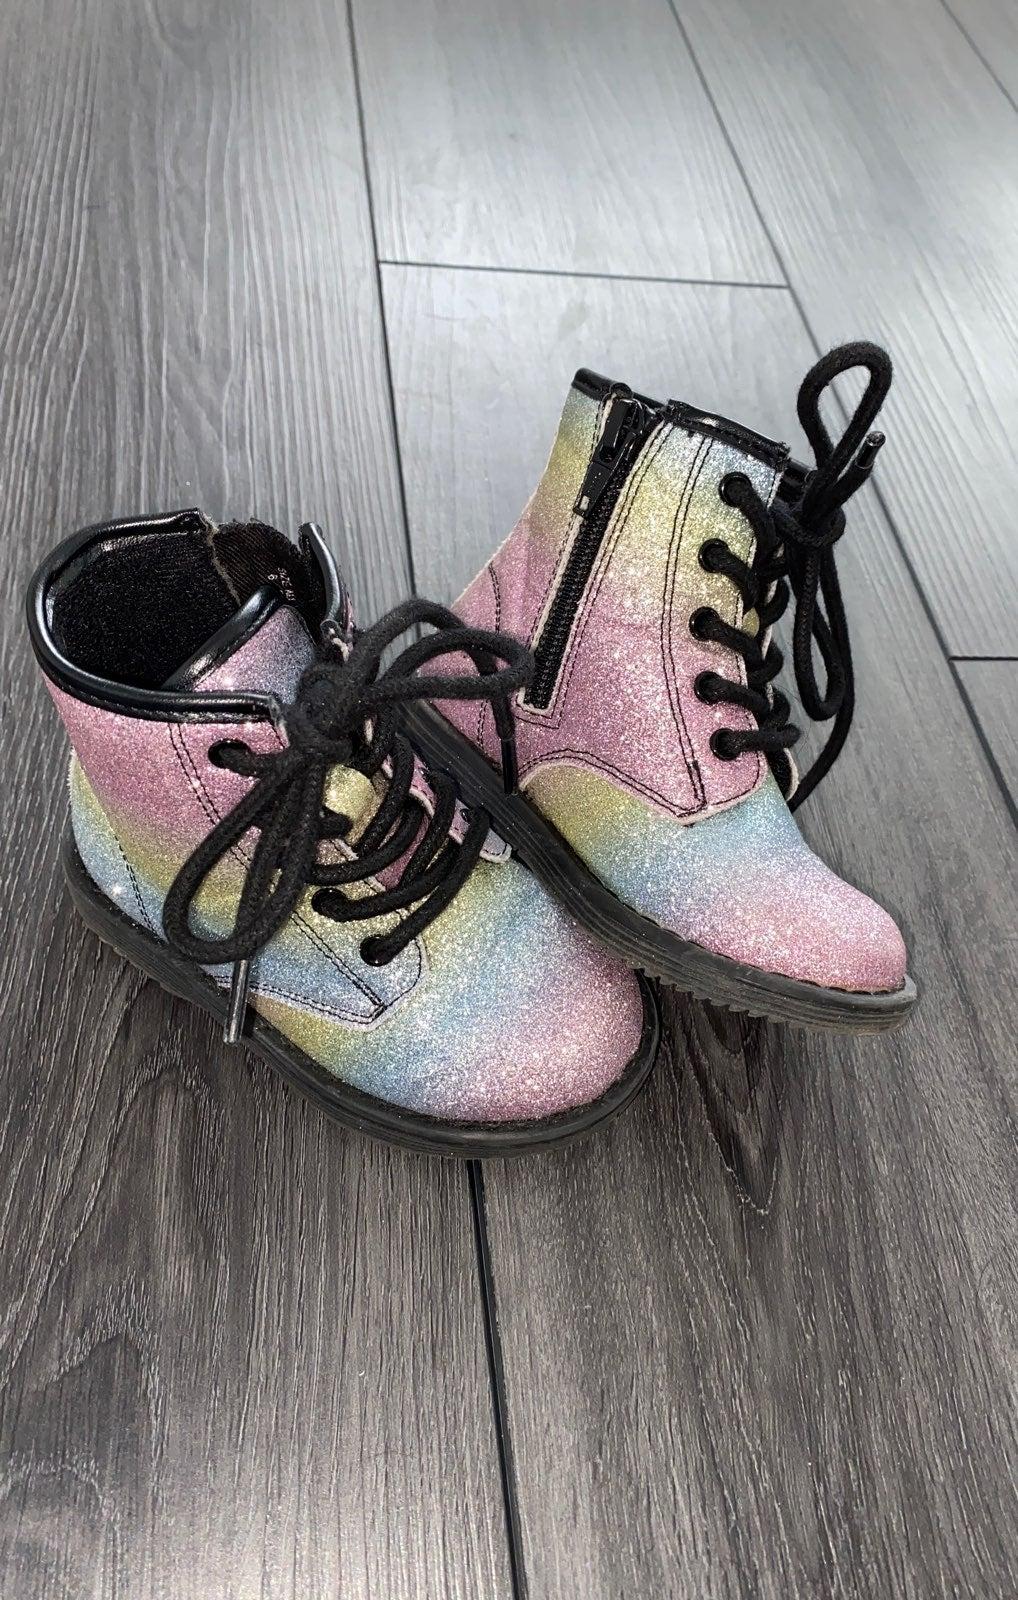 Size 6 Rainbow sparkle combat boots